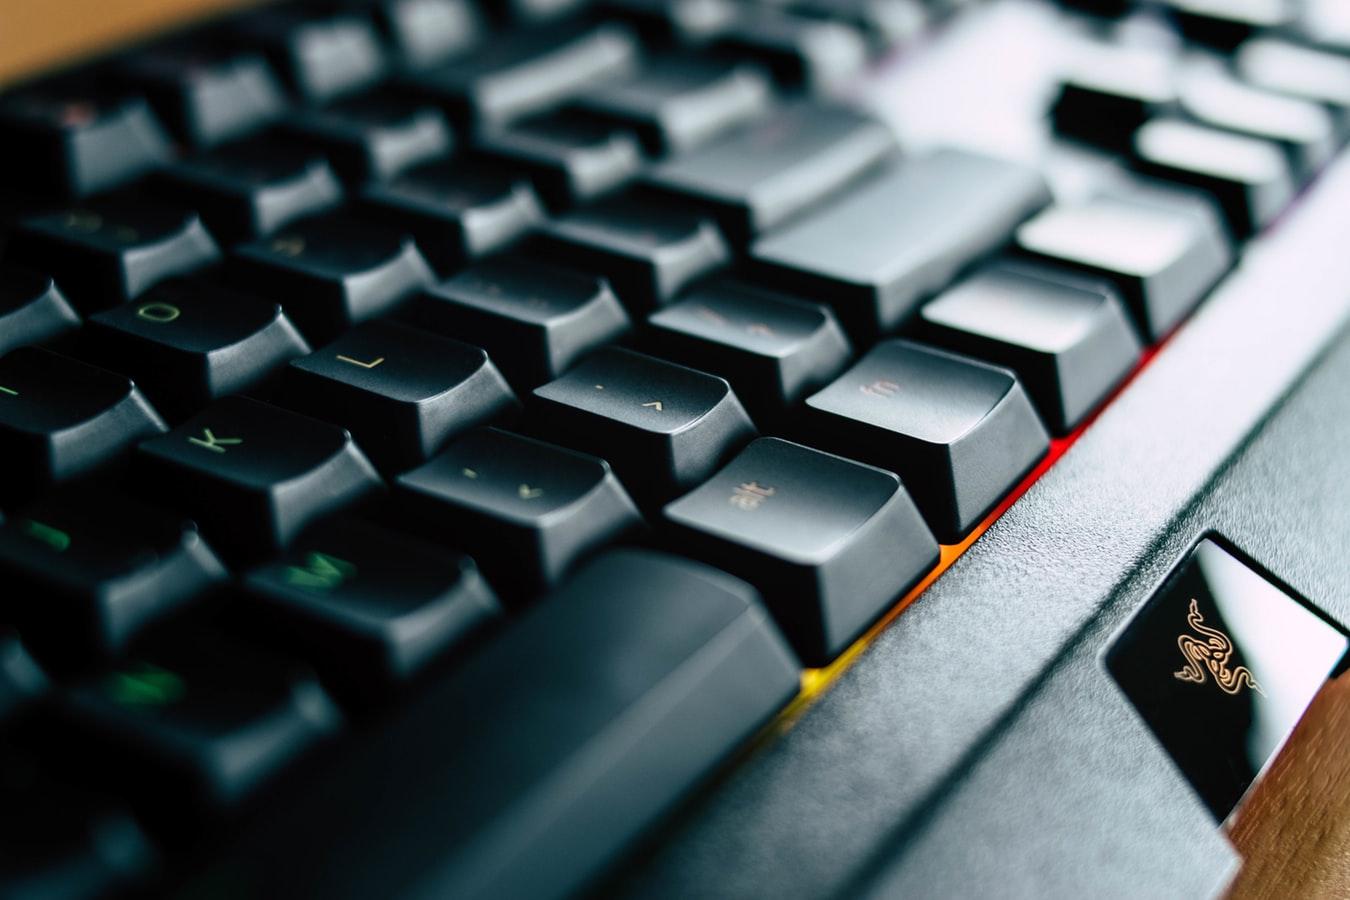 Nettoyer un clavier d'ordinateur